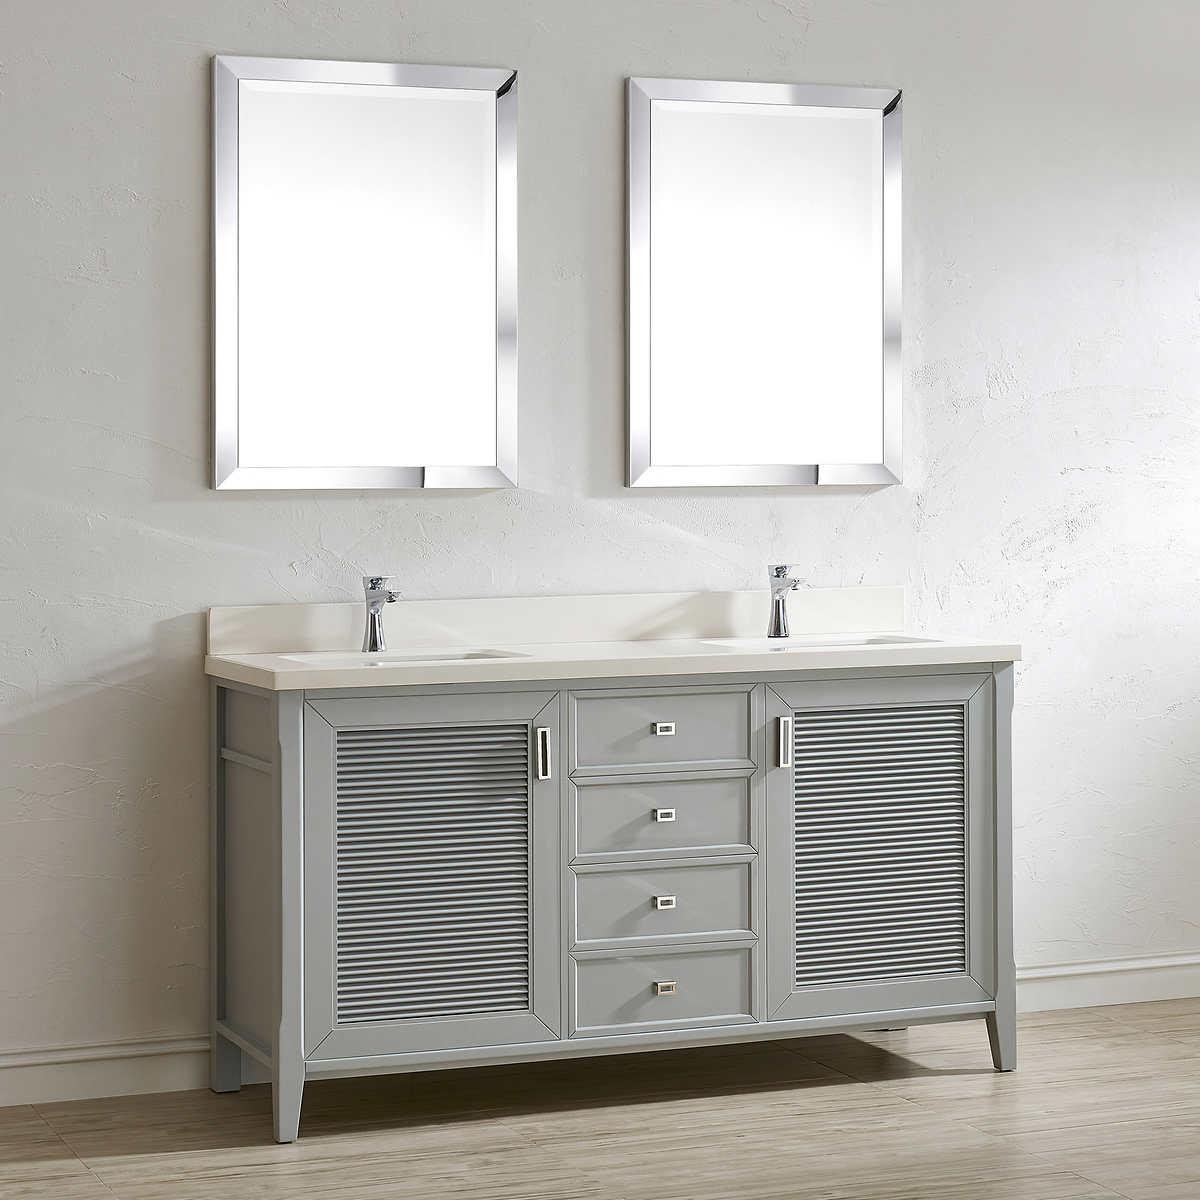 Aurora 63  Oxford Gray Double Sink Vanity by Studio Bathe. Double Sink Vanities